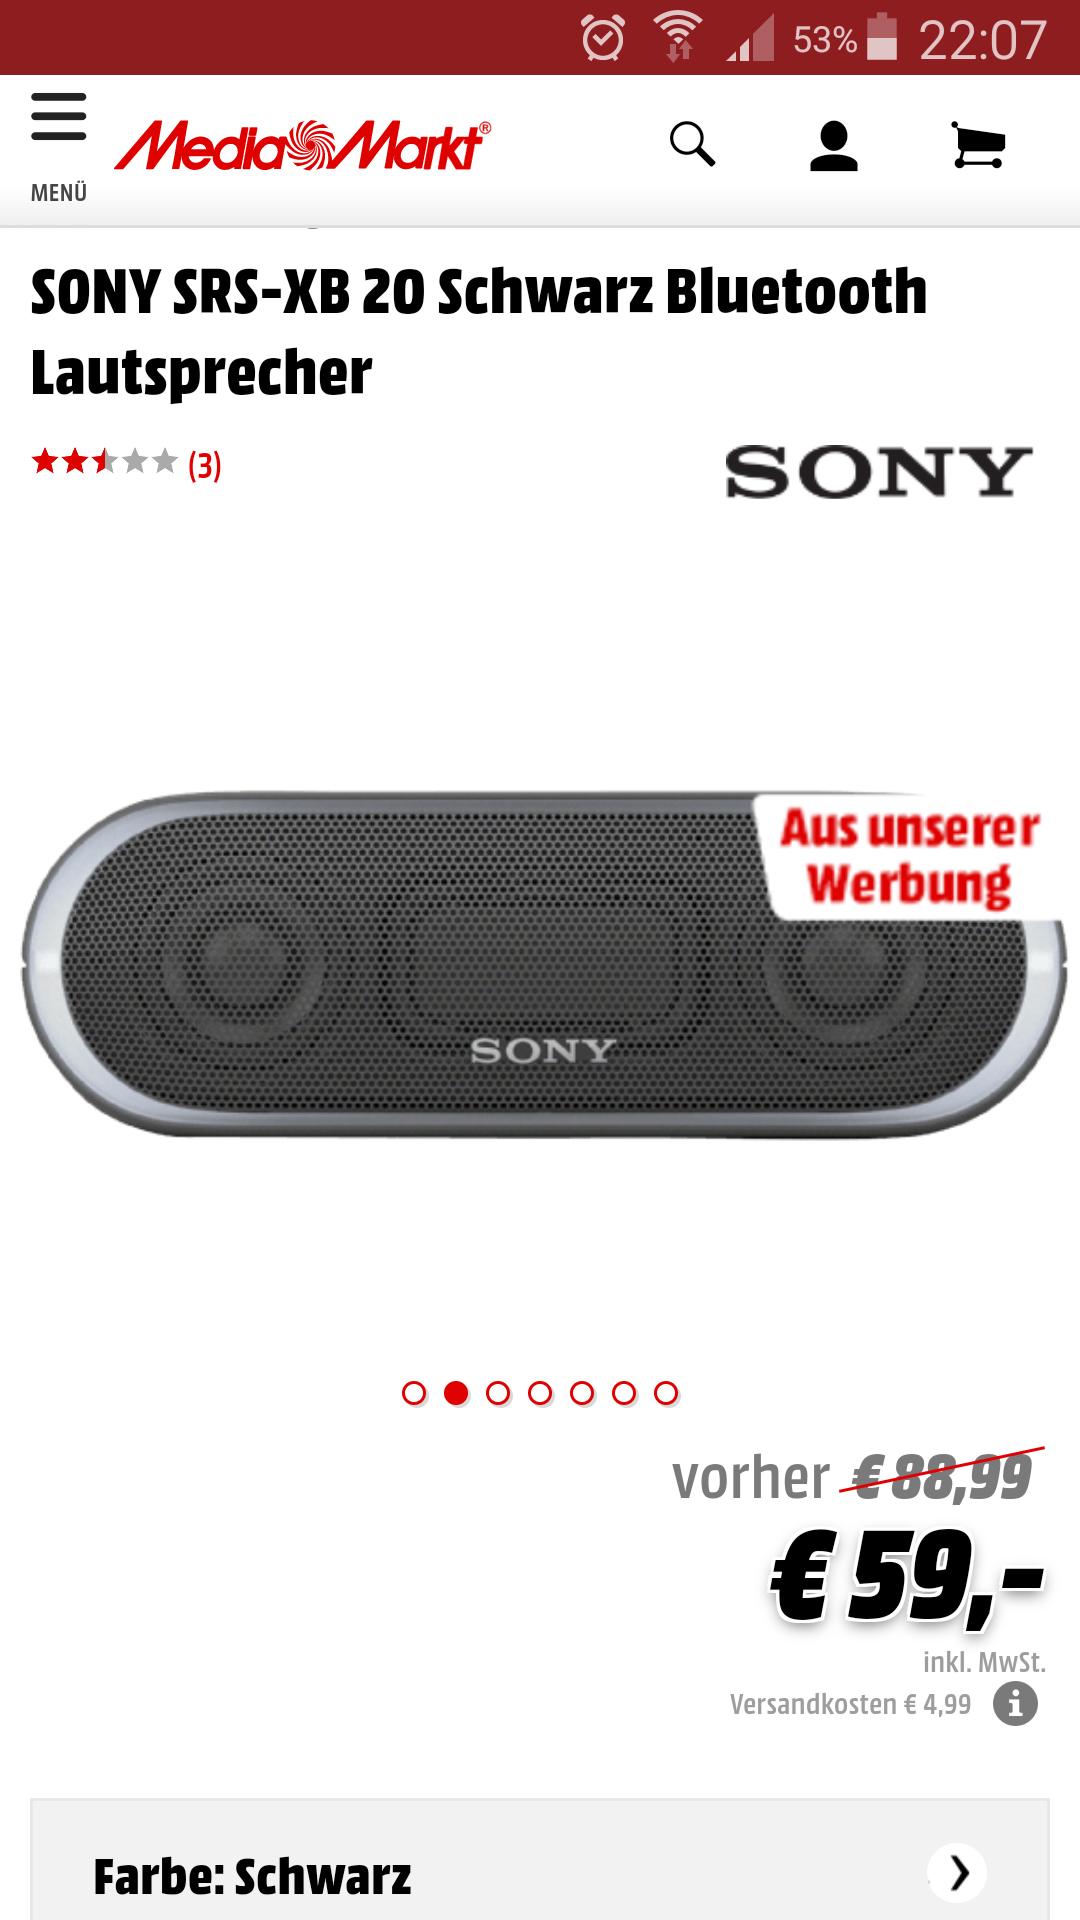 [MediaMarkt & Amazon] SONY SRS-XB 20 Schwarz Bluetooth Lautsprecher (On-und Offline)